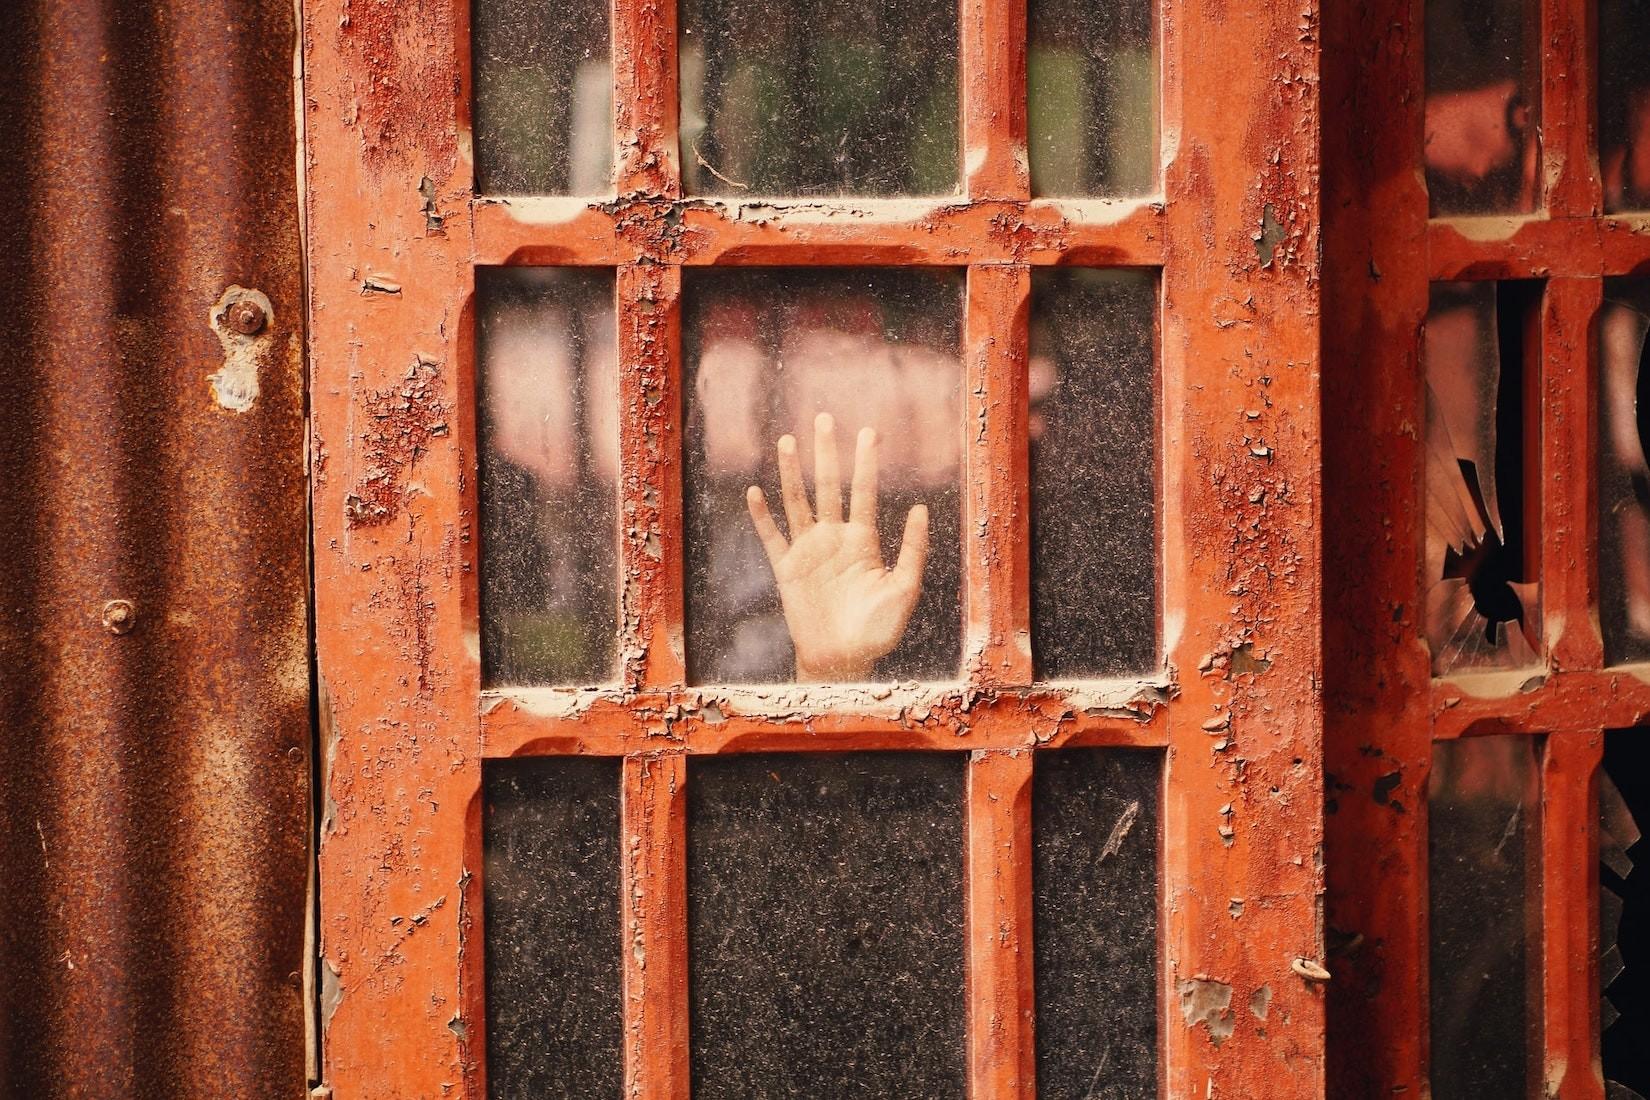 Mietminderung, wenn mein Vermieter sich weigert, die Fenster zu streichen?